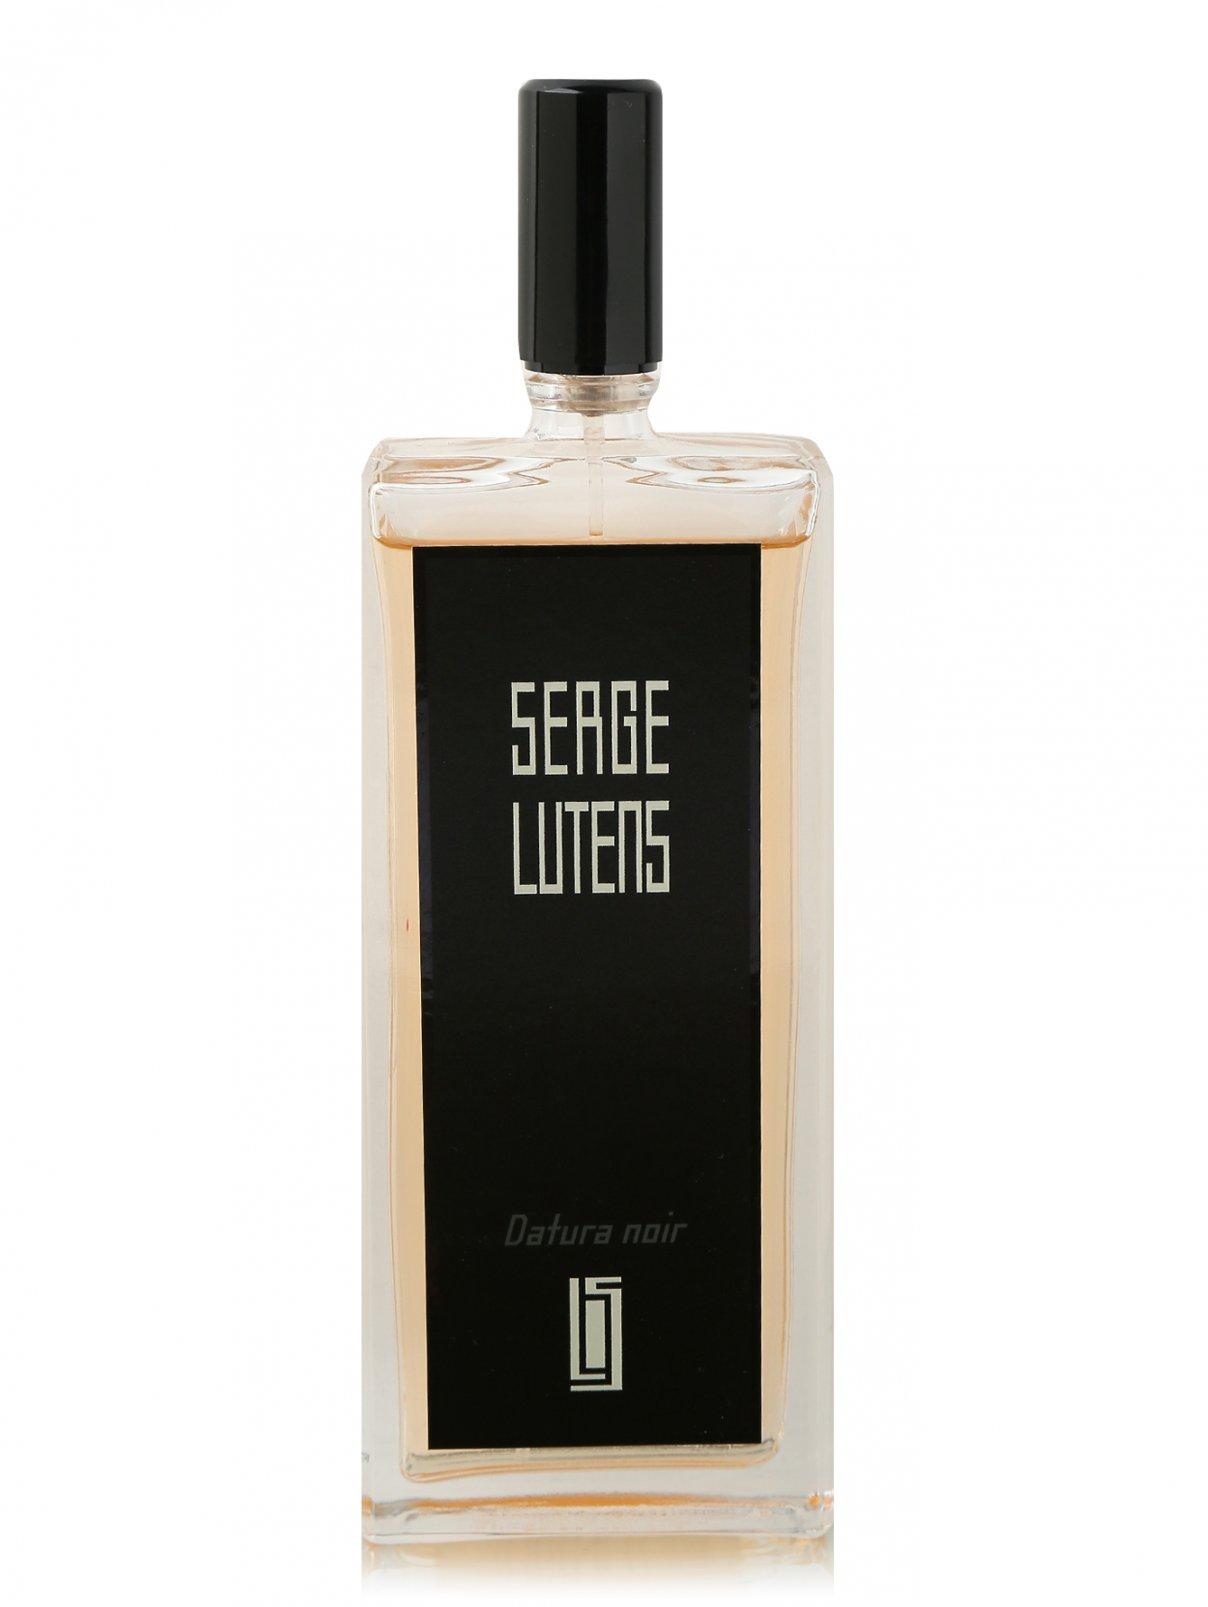 Парфюмерная вода 100 мл Datura Noir Serge Lutens  –  Общий вид